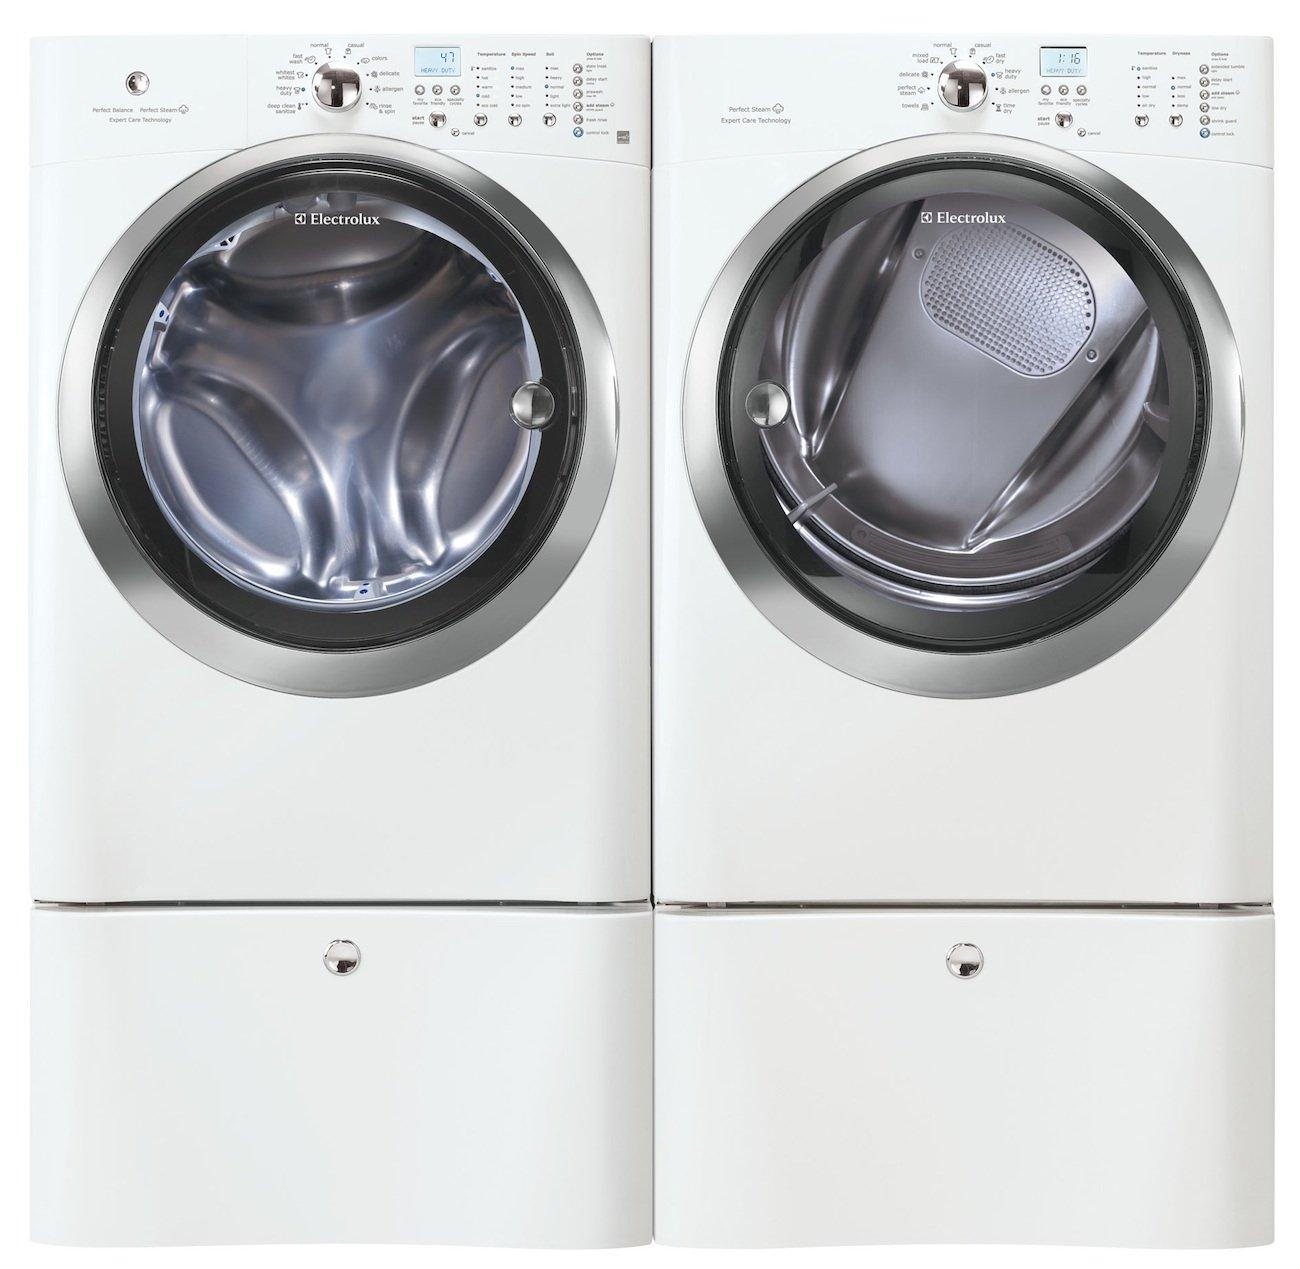 Amazoncom Electrolux Laundry Bundle Electrolux EIFLS60JIW Washer